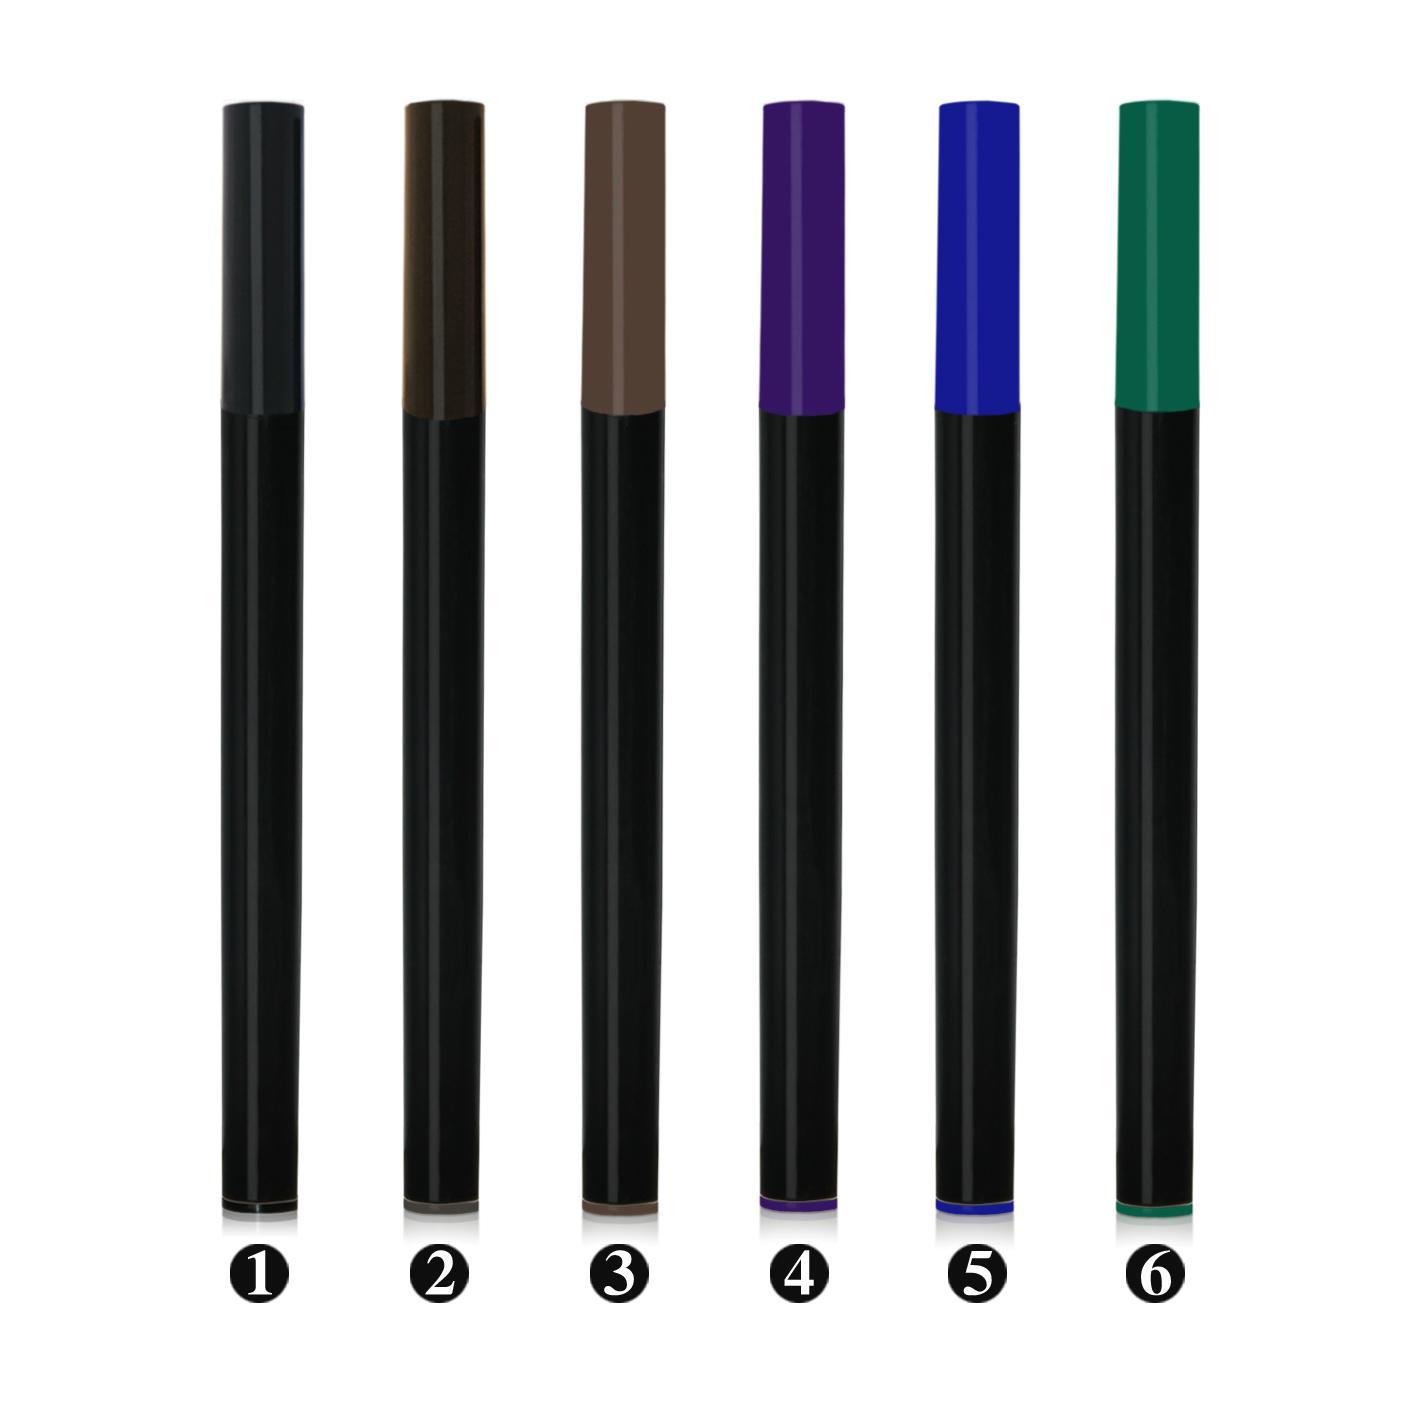 Pirate Label OEM Eyeliner 6 Color Optional 1